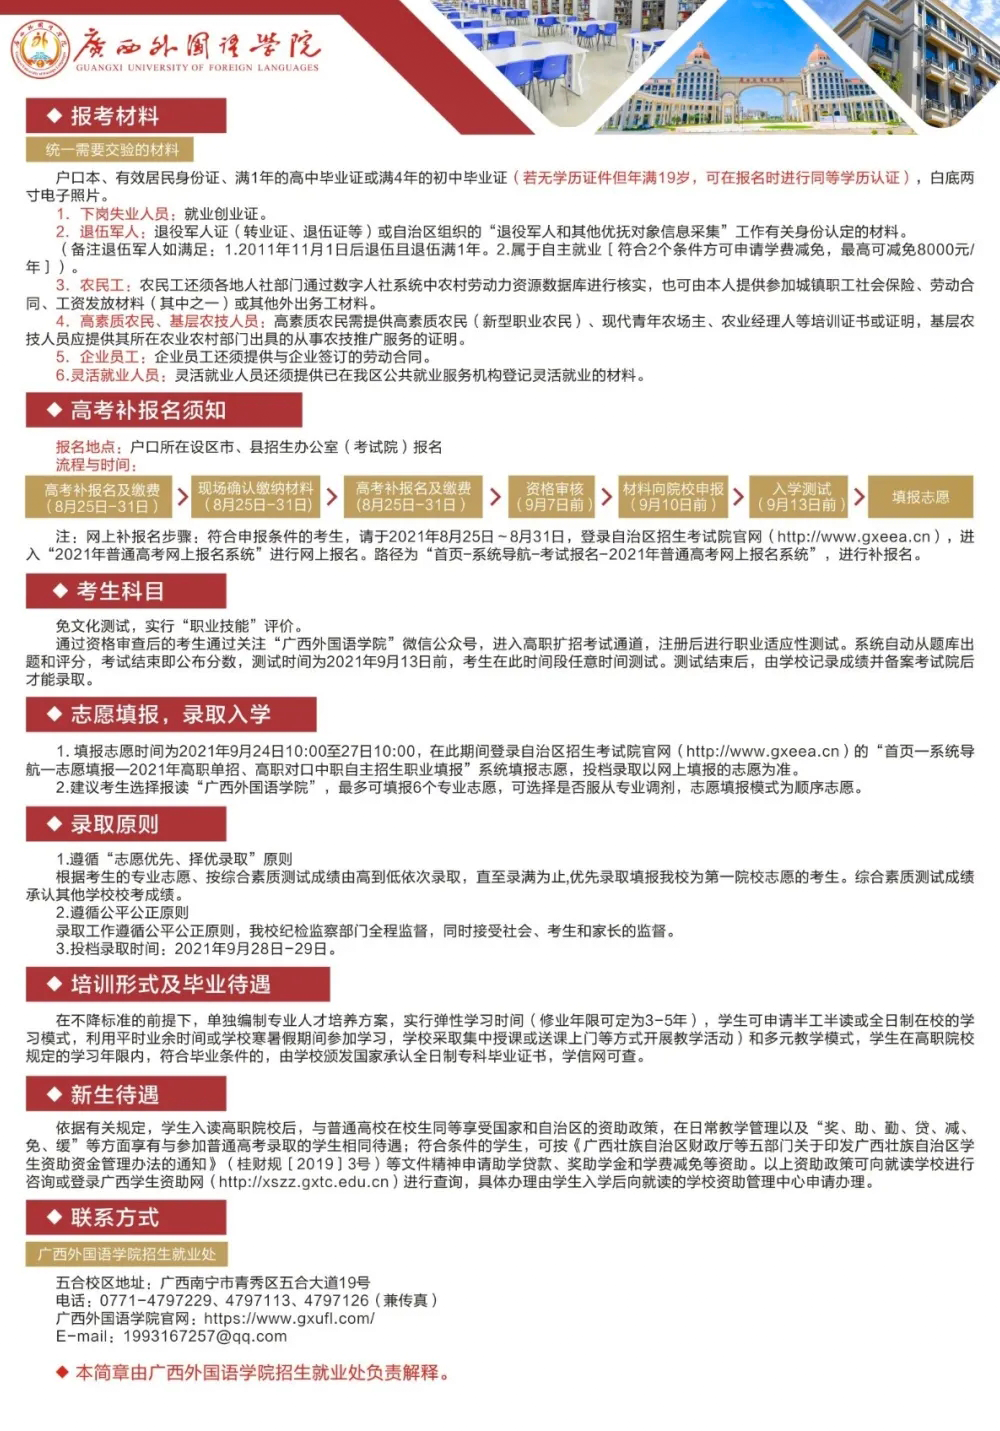 重要通知 2021广西外国语学院全日制高职扩招招生简章新鲜出炉